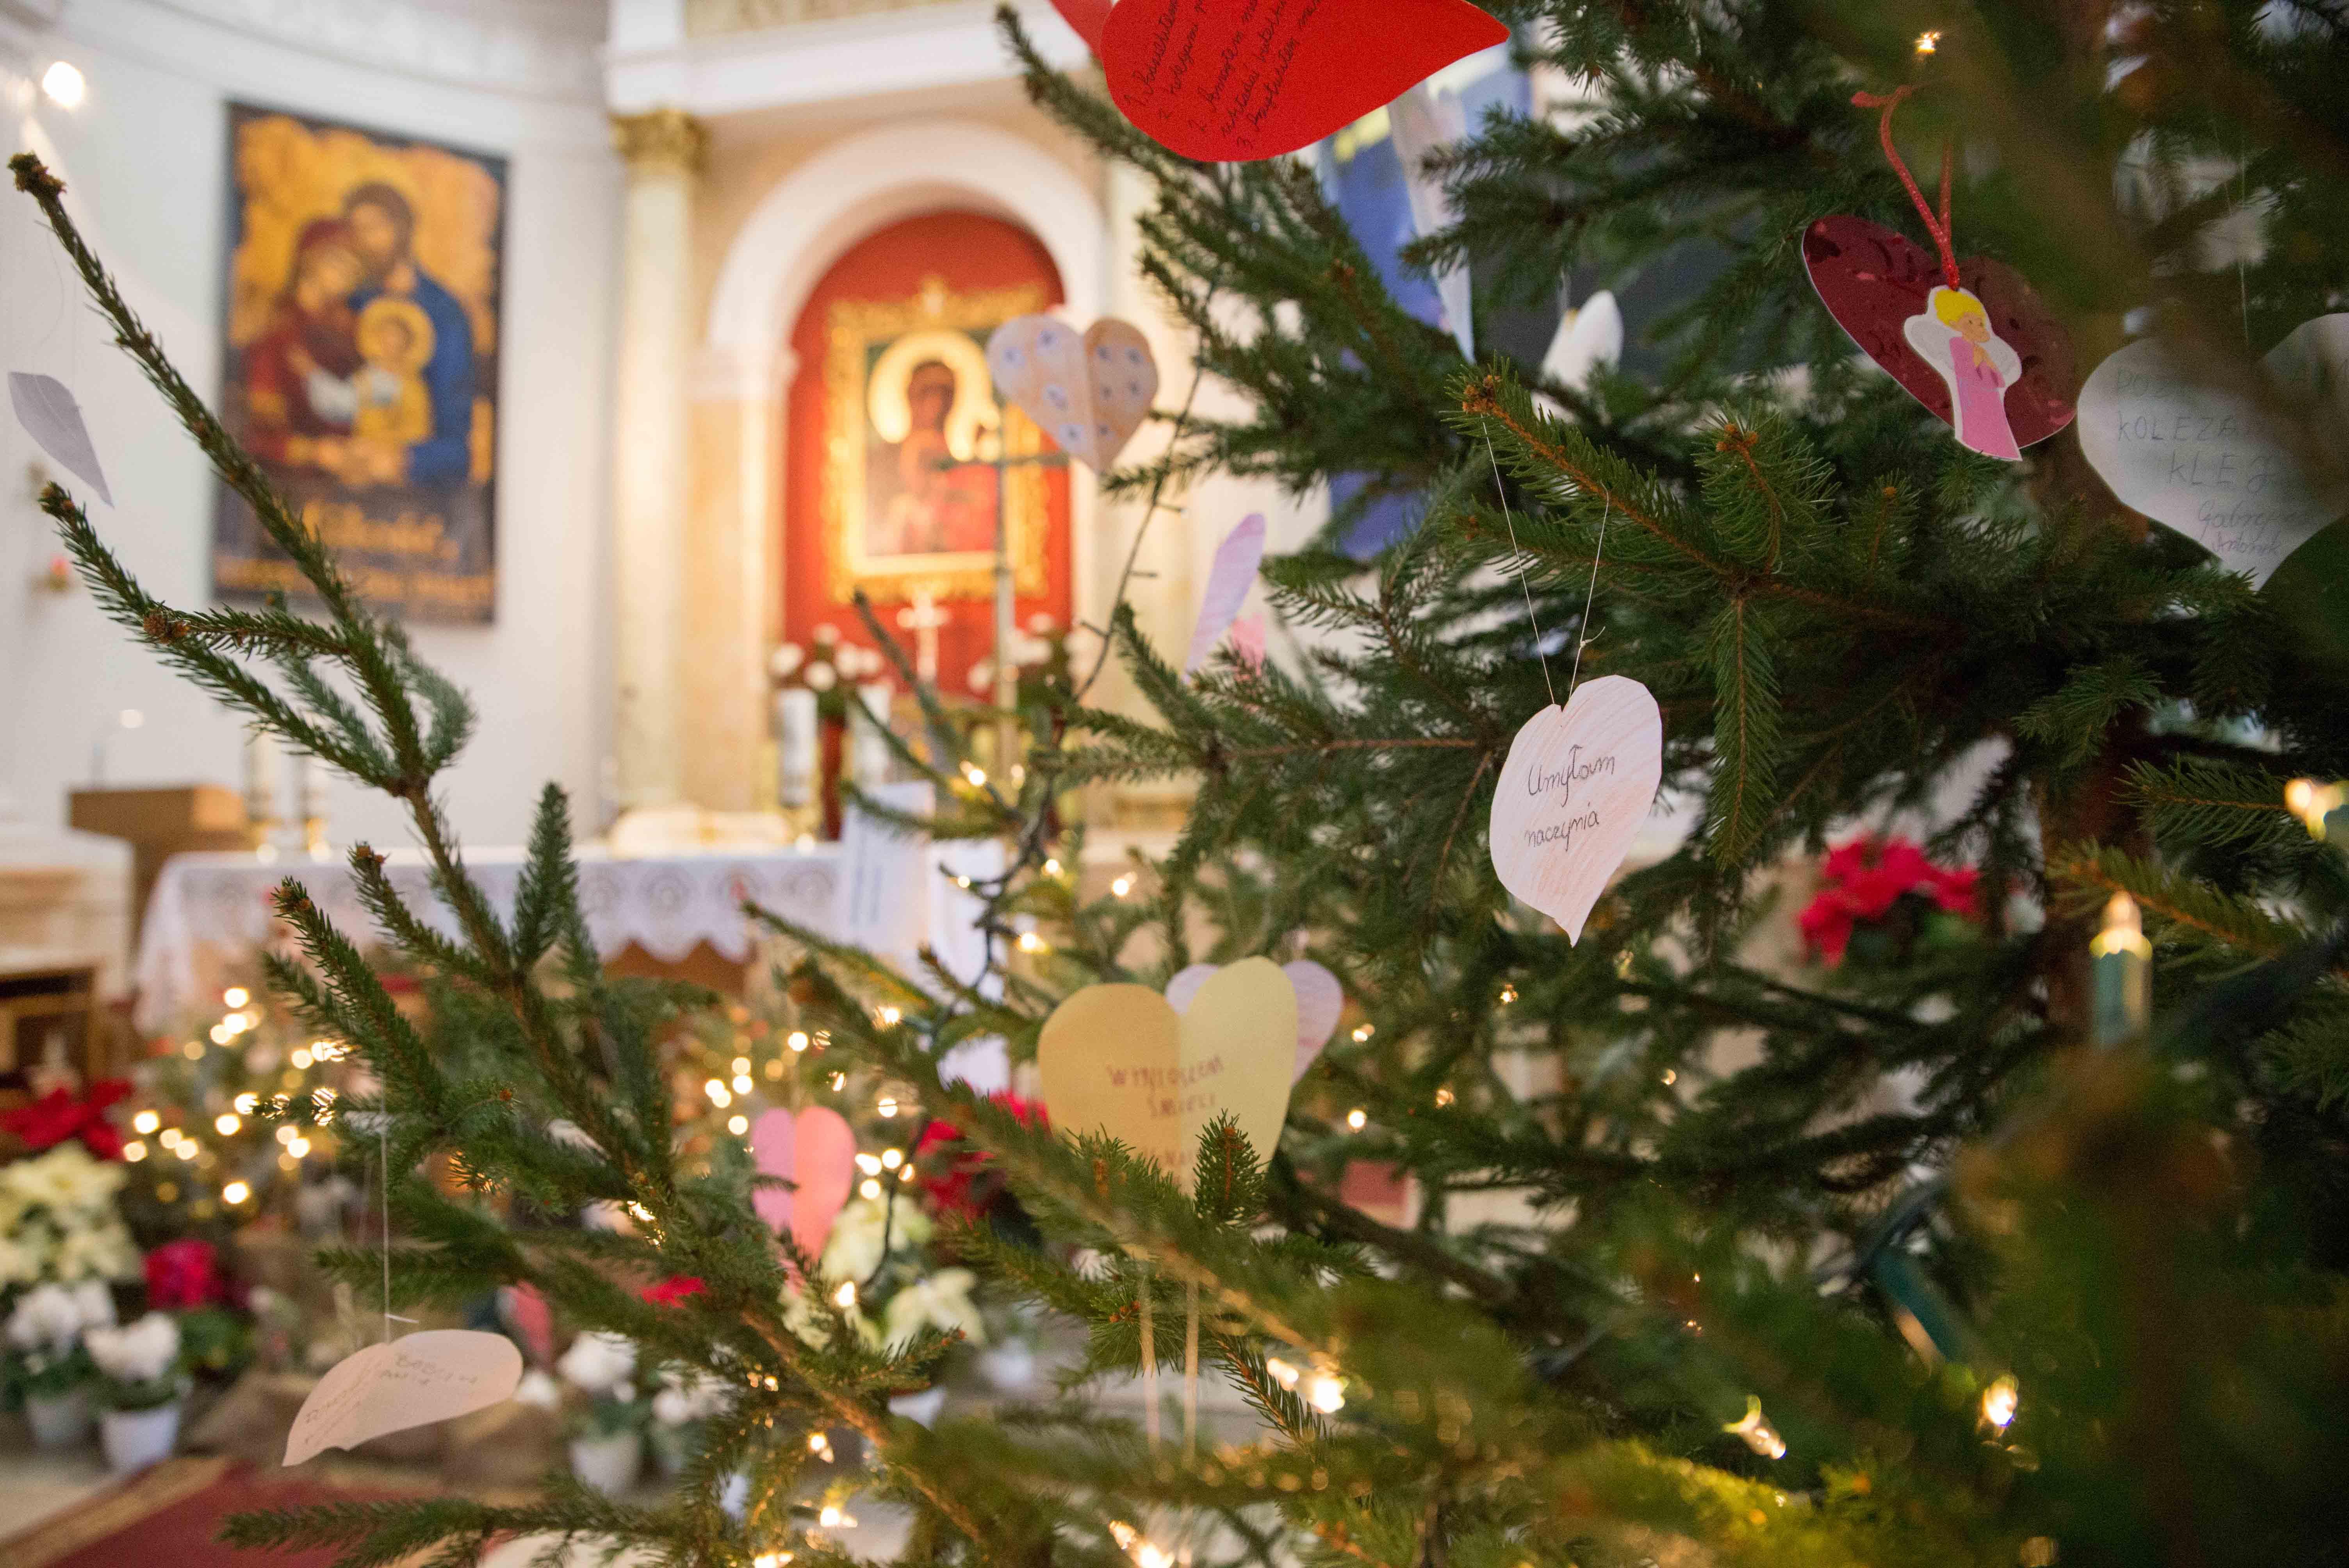 Kosciol Najswietszej Maryi Panny Czestochowskiej we Wroclawiu male (12)